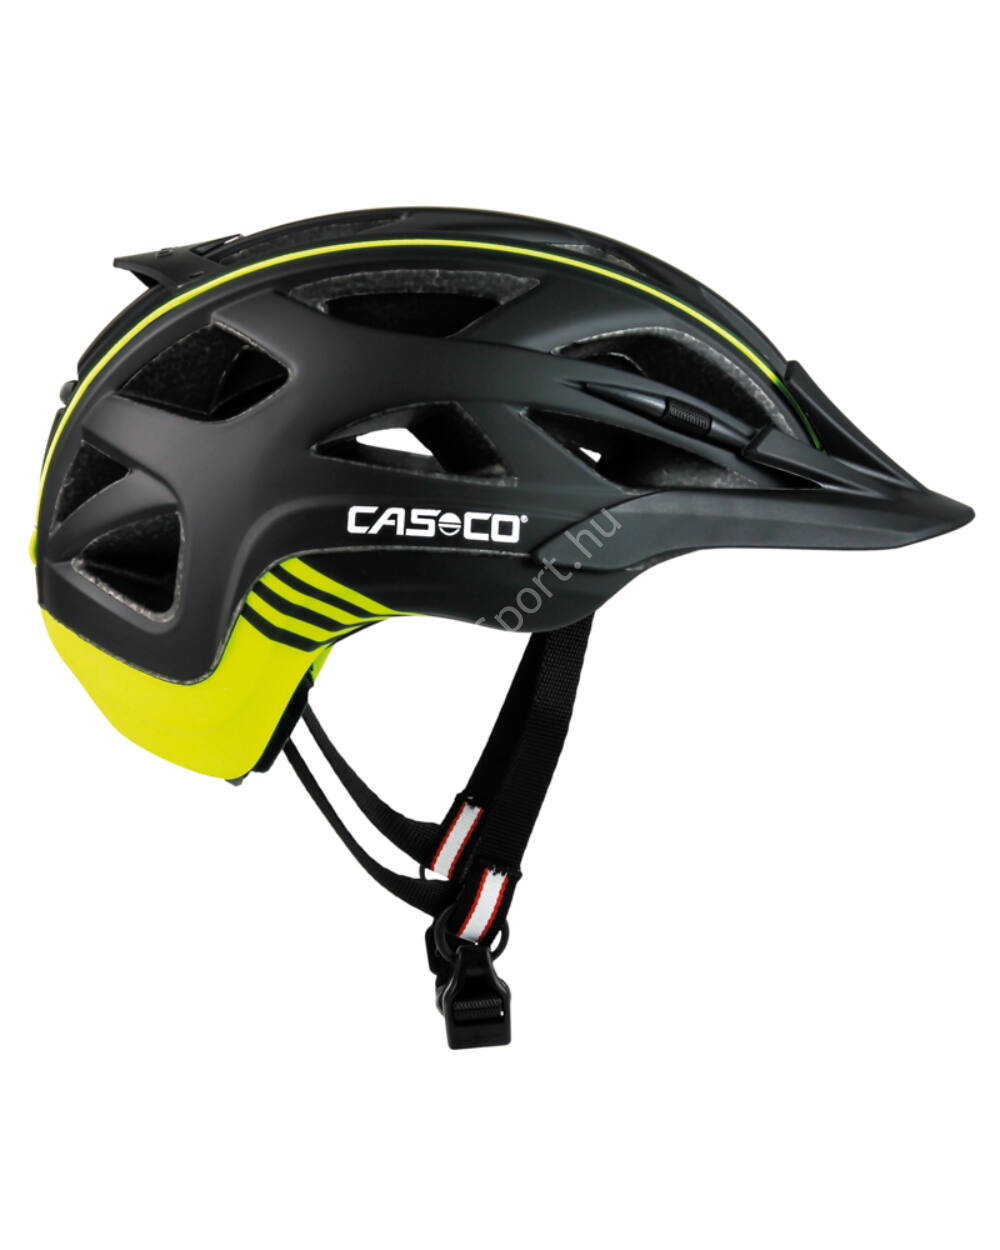 Casco Activ 2 black-neon bukósisak, 56-58 cm